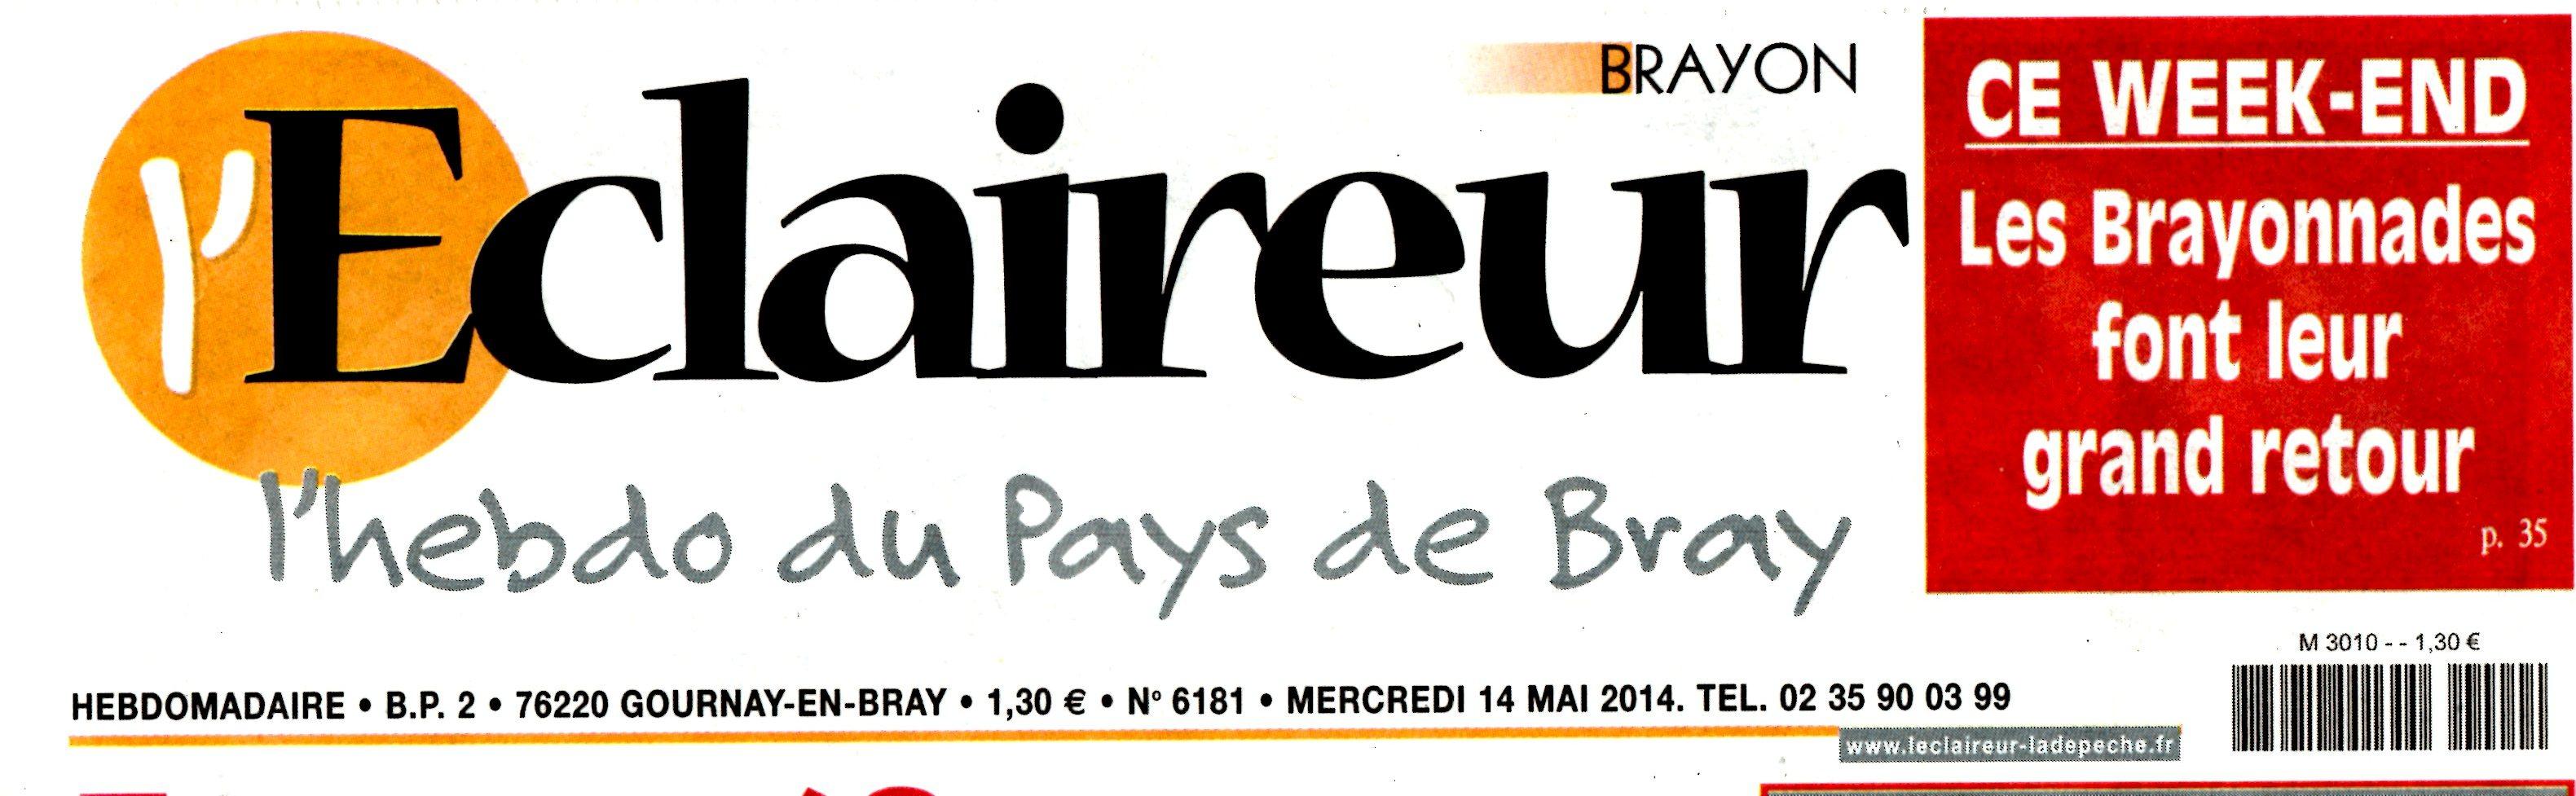 L'ECLAIREUR PAYS DE BRAY 14 MAI 2014 BETTY